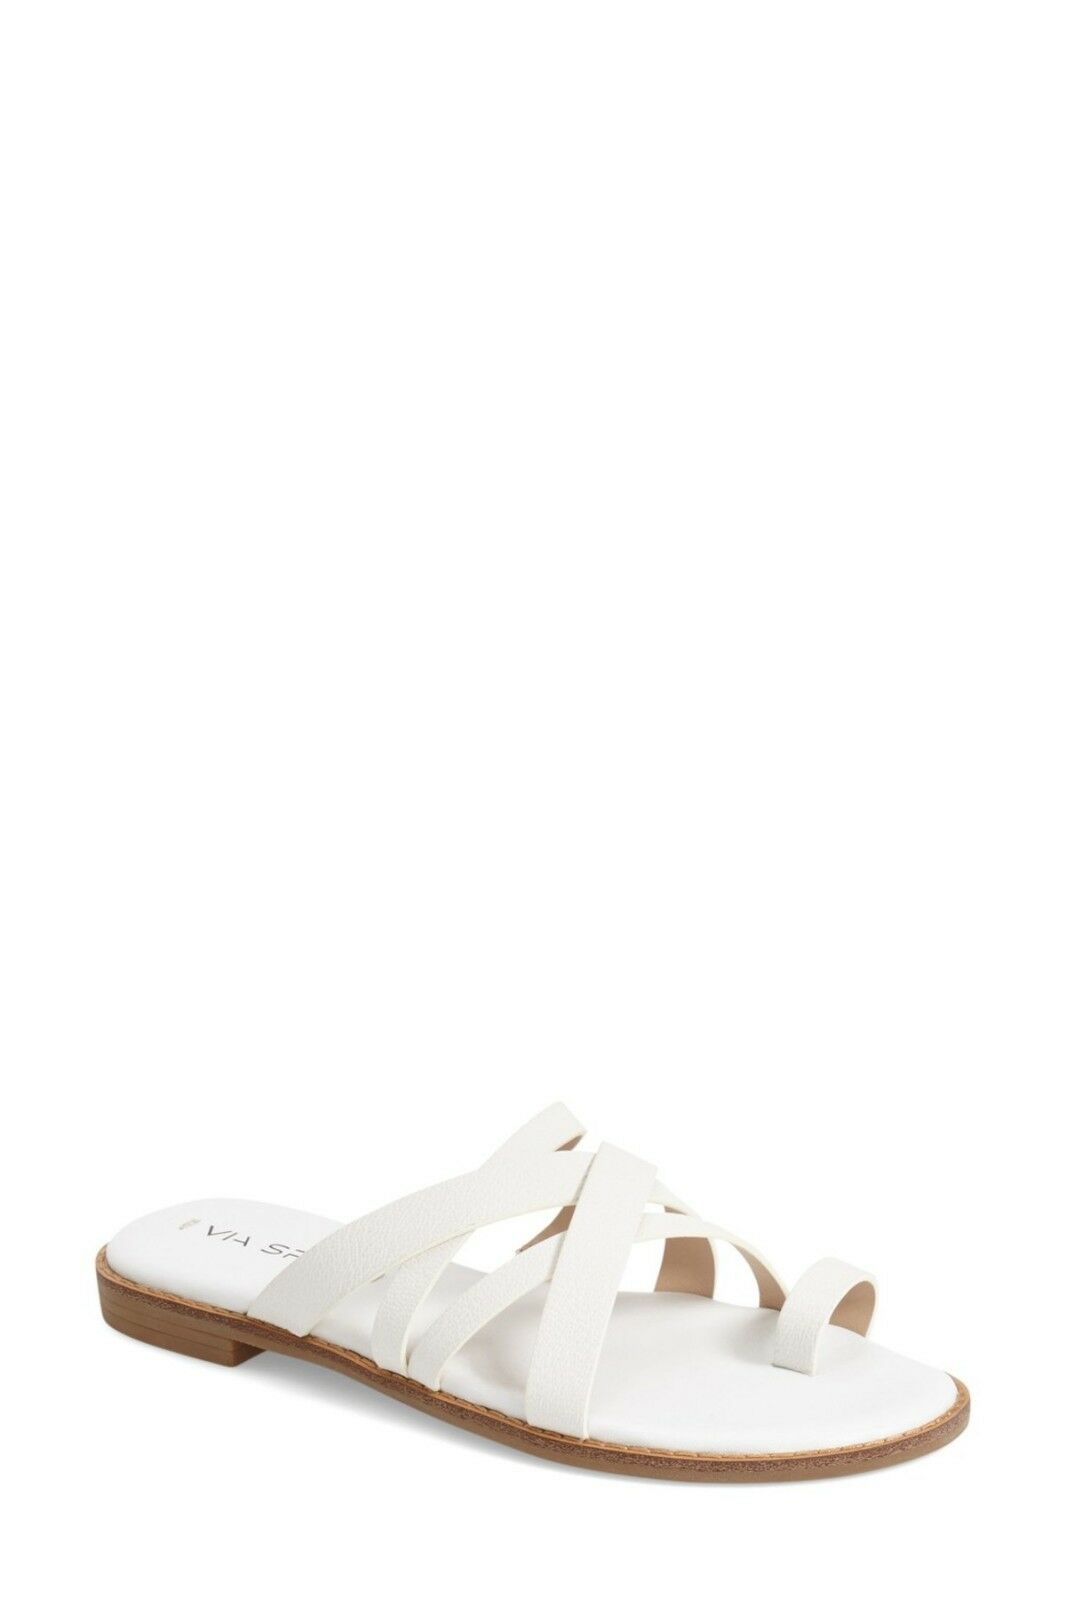 Nouveau Via Spiga Reese Toe Ring Sandale, en cuir blanc, Femme Taille 9,  175